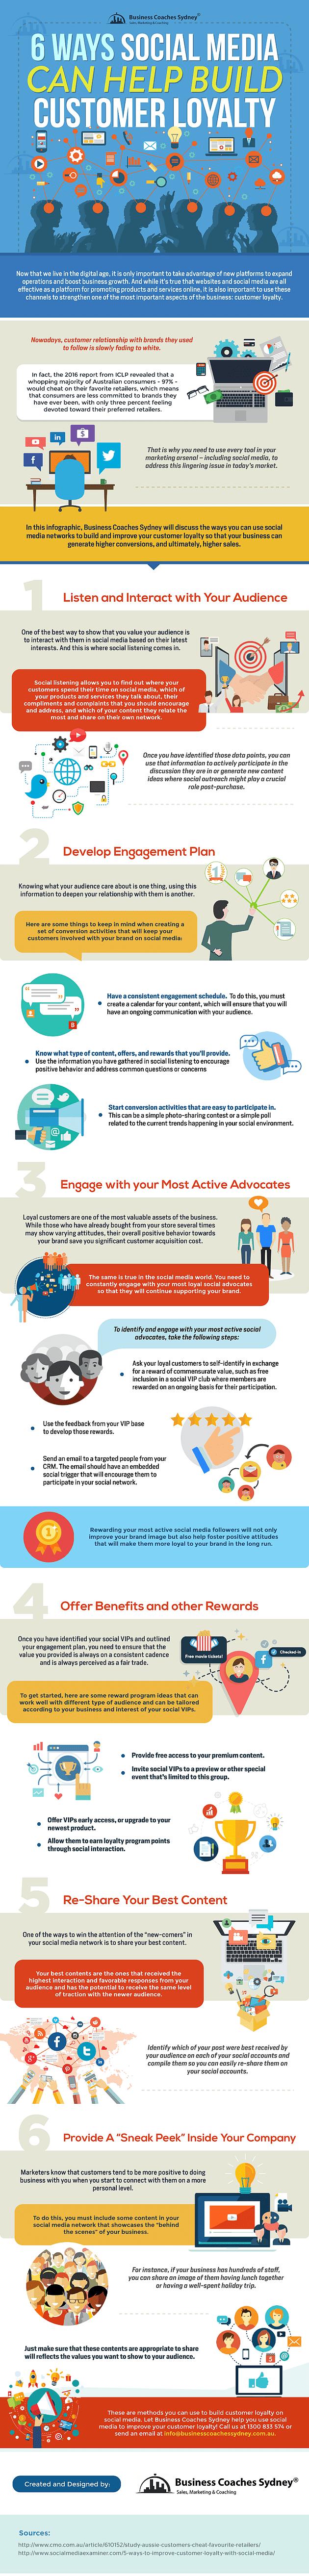 Infographie: 6 façons dont les médias sociaux peuvent aider à fidéliser les clients